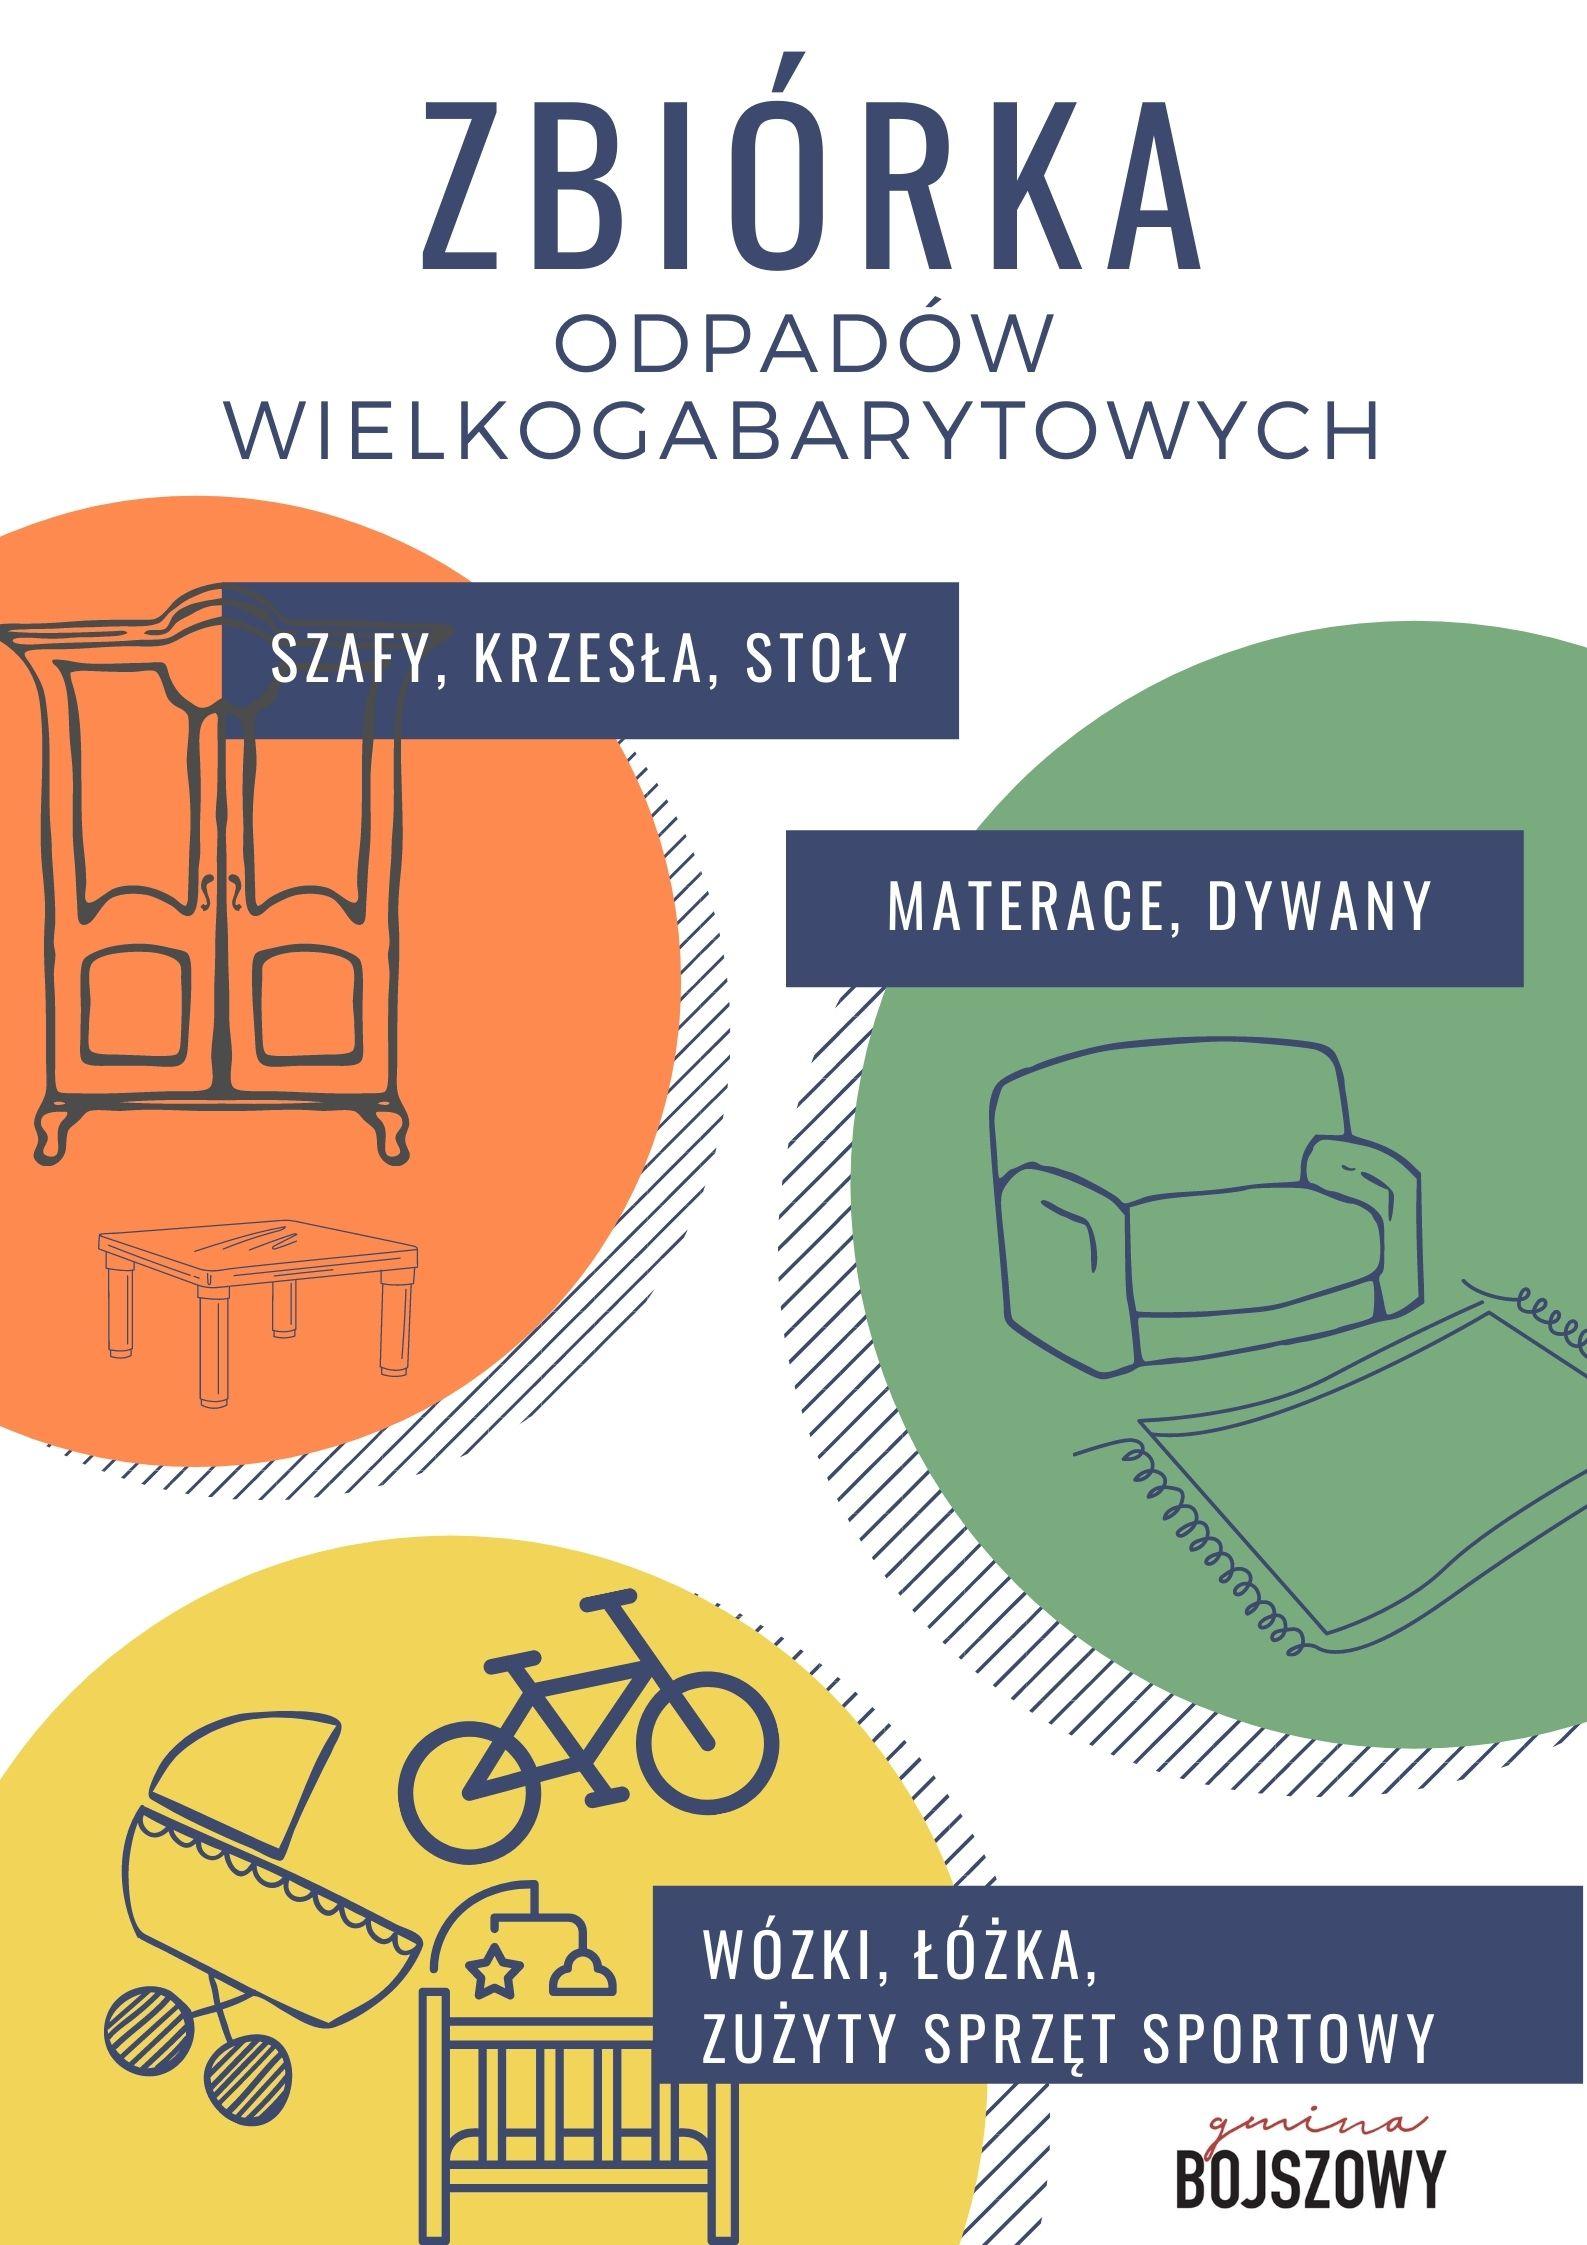 grafika: odpady wielkogabarytowe: szafy, stoły, wózki dziecięce, rower, materac, dywan